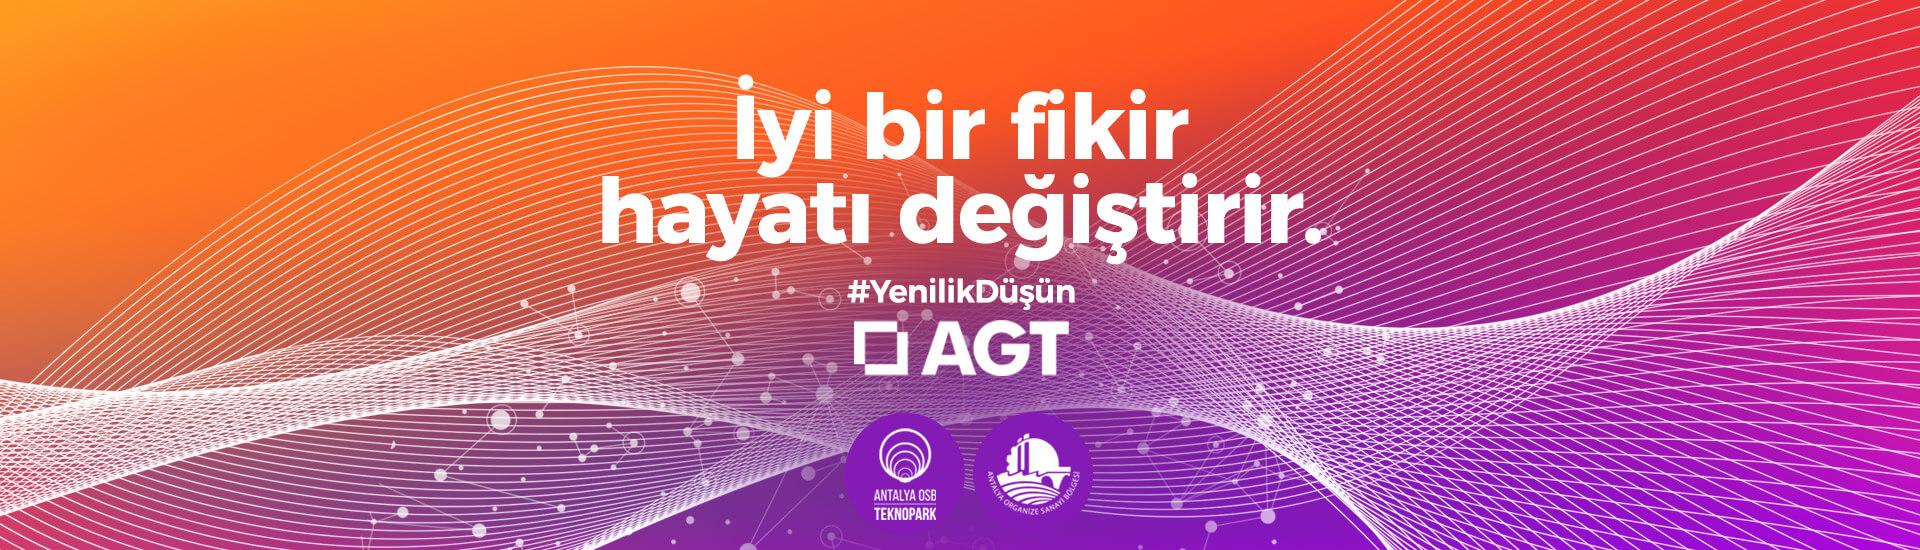 AGT, fikir maratonunda sizi yenilik düşünmeye davet ediyor!